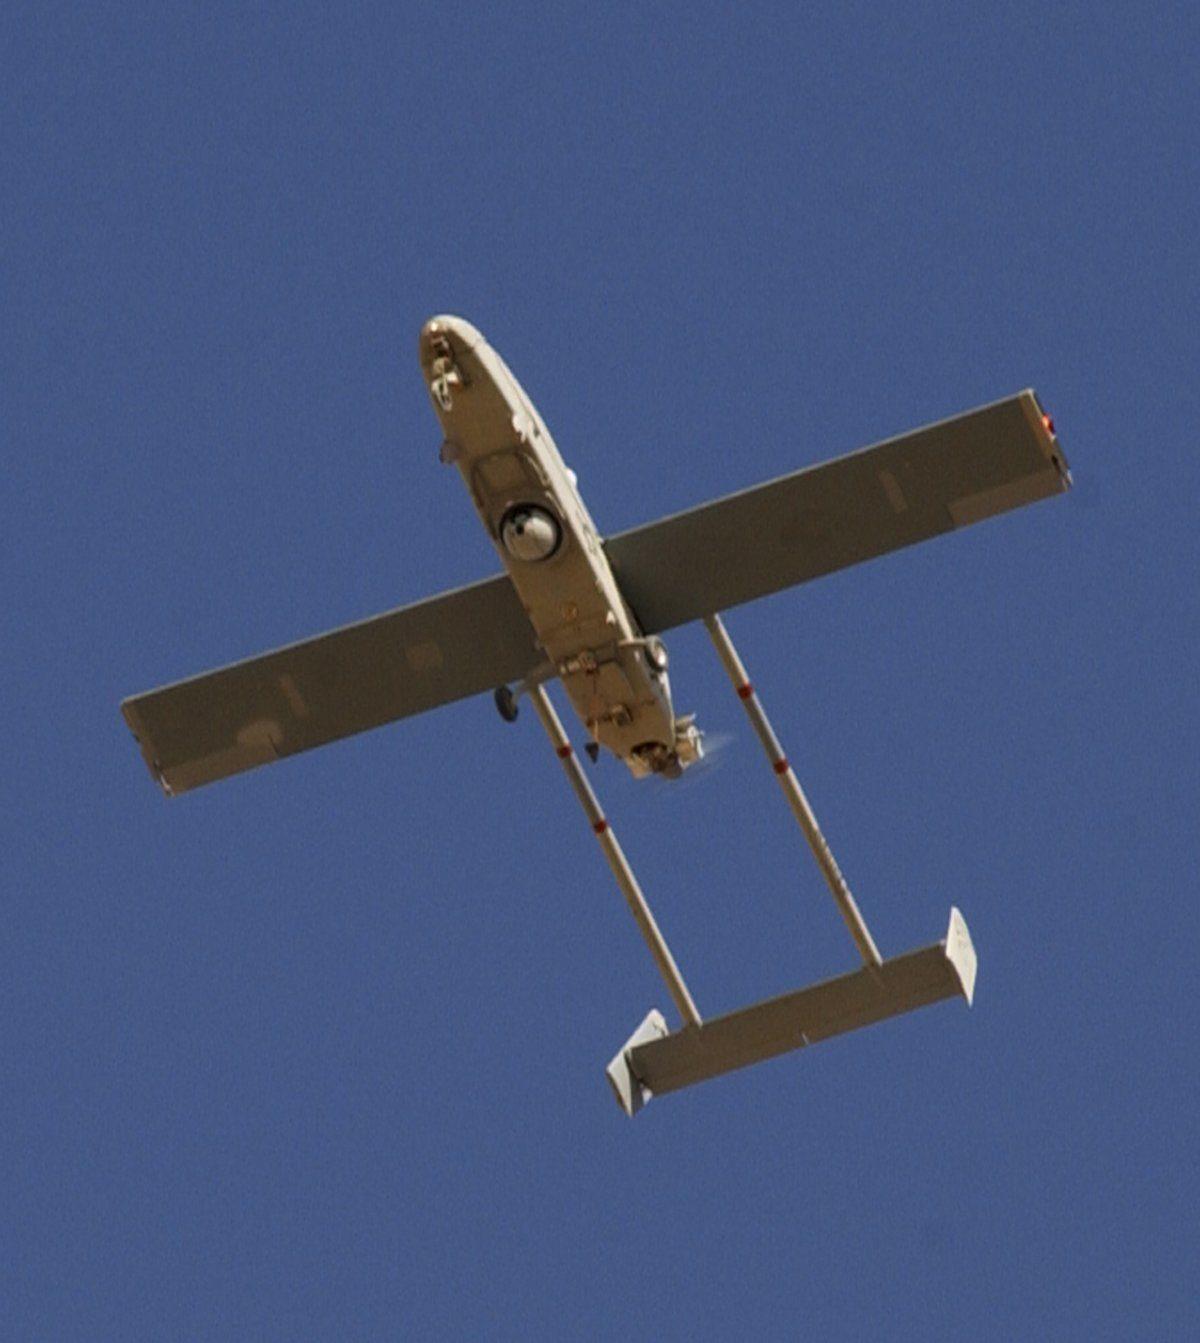 Adiós a la sequía: drones llegan hasta las nubes para producir lluvias